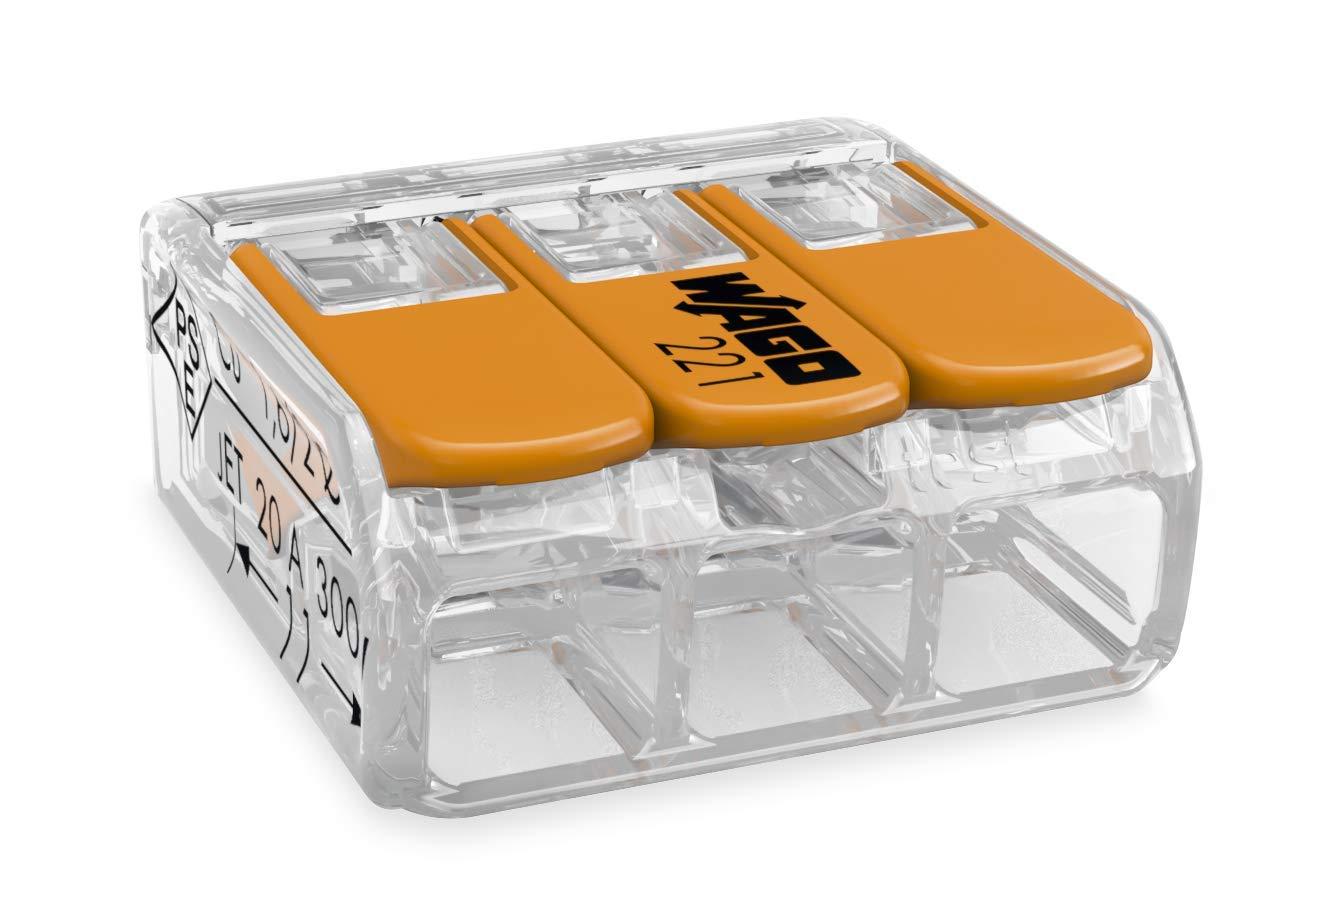 Wago 221-413 bloque para terminal eléctrica - Electrical terminal block, 50 unidades product